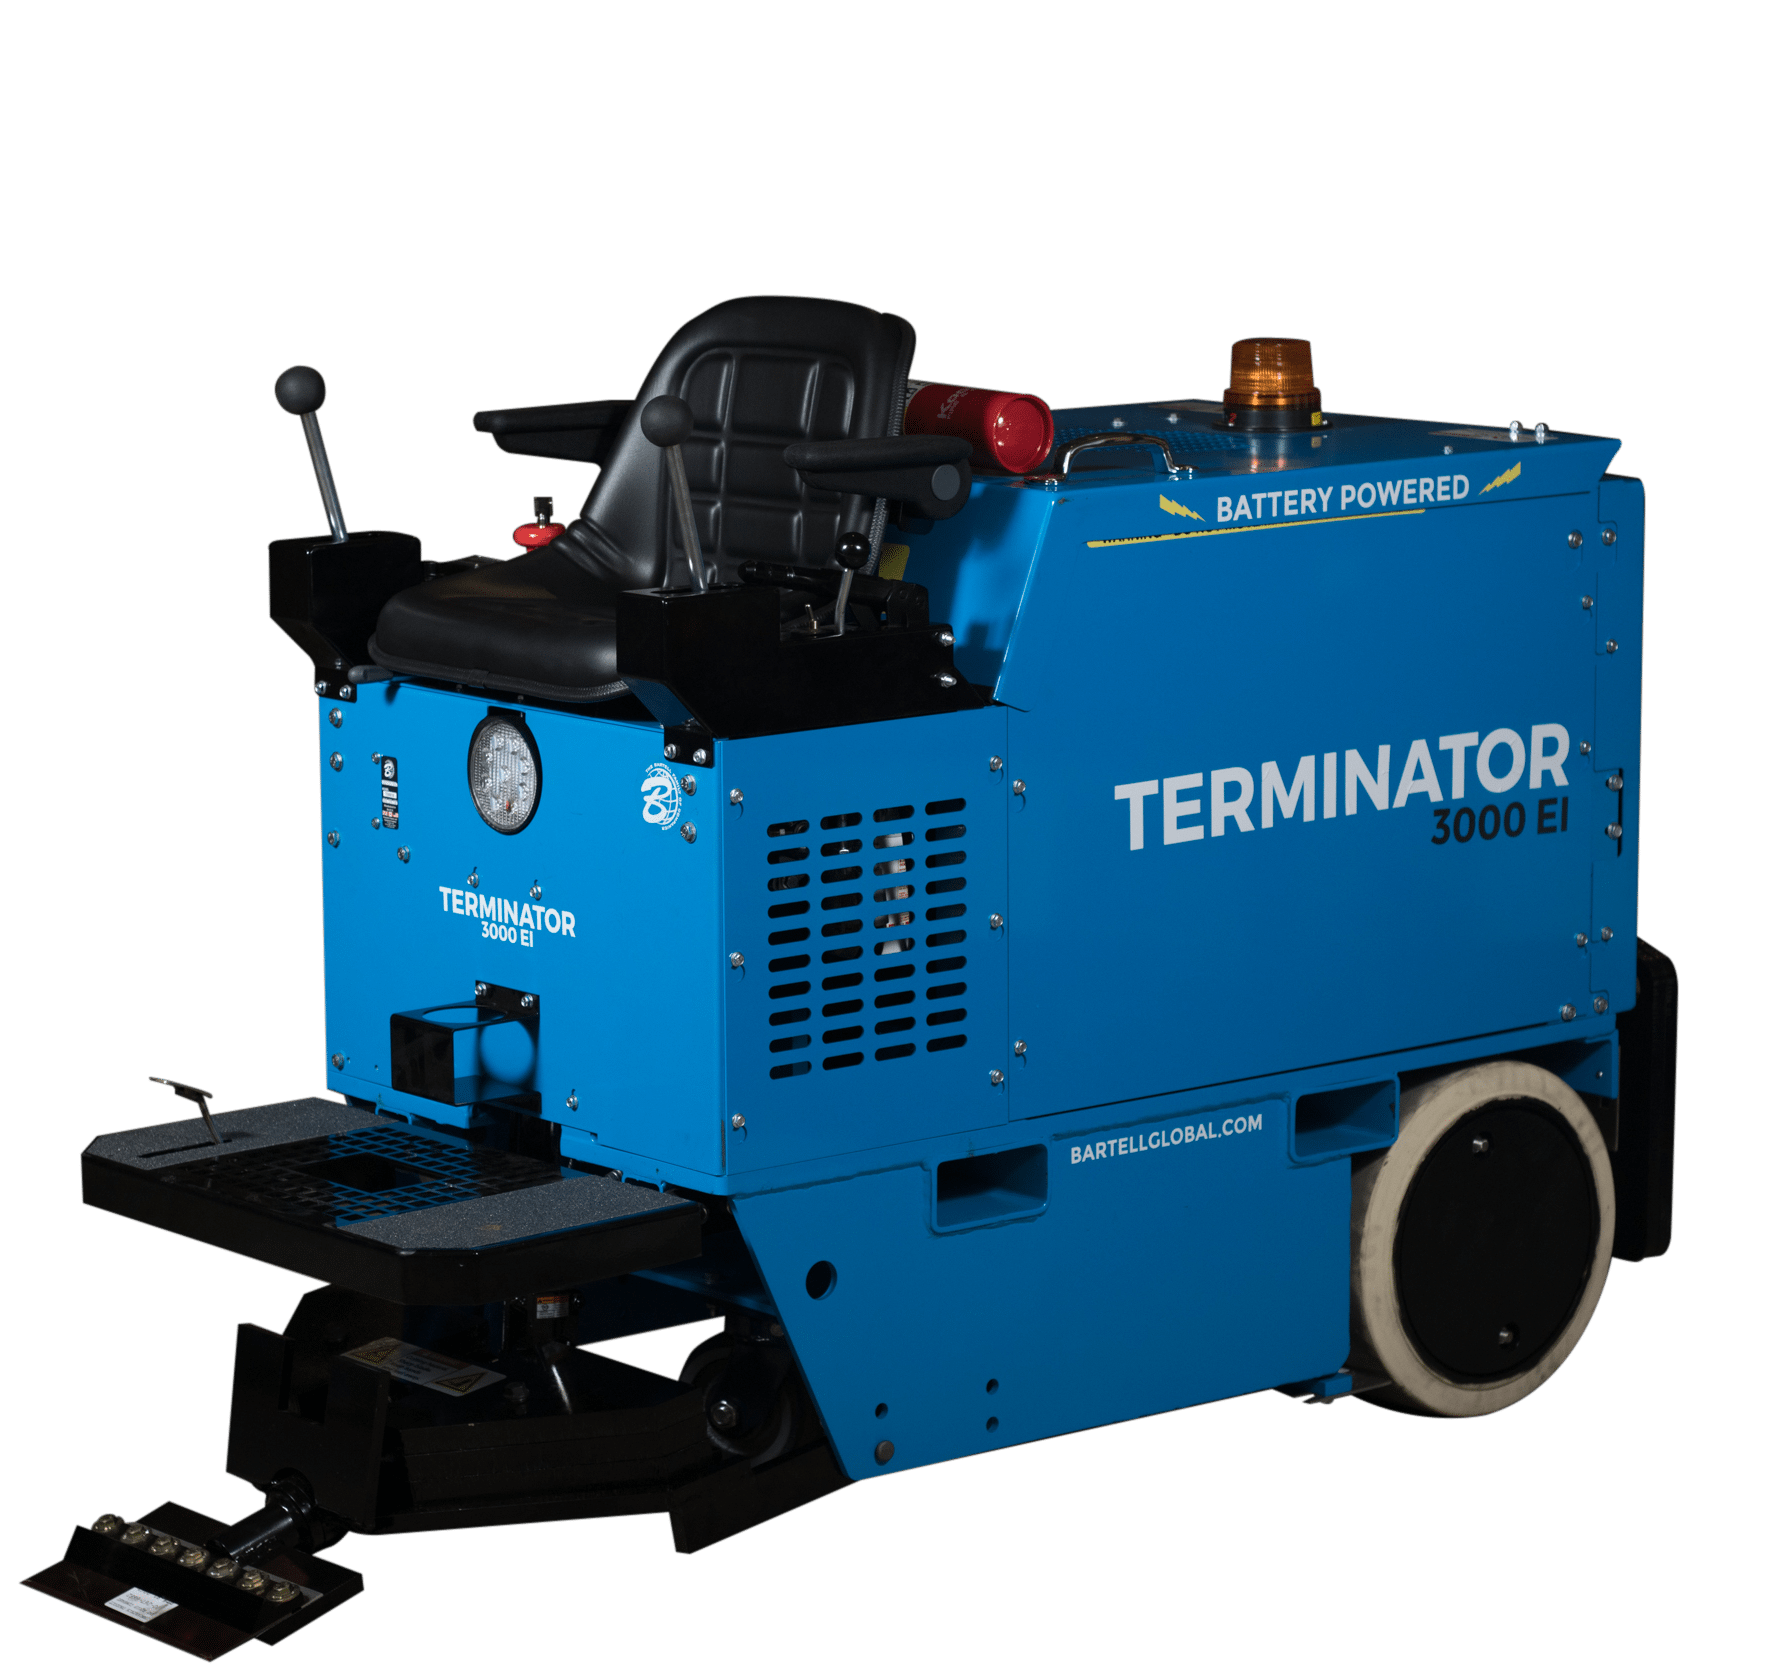 Bartell Global Terminator T3000 floor scraper